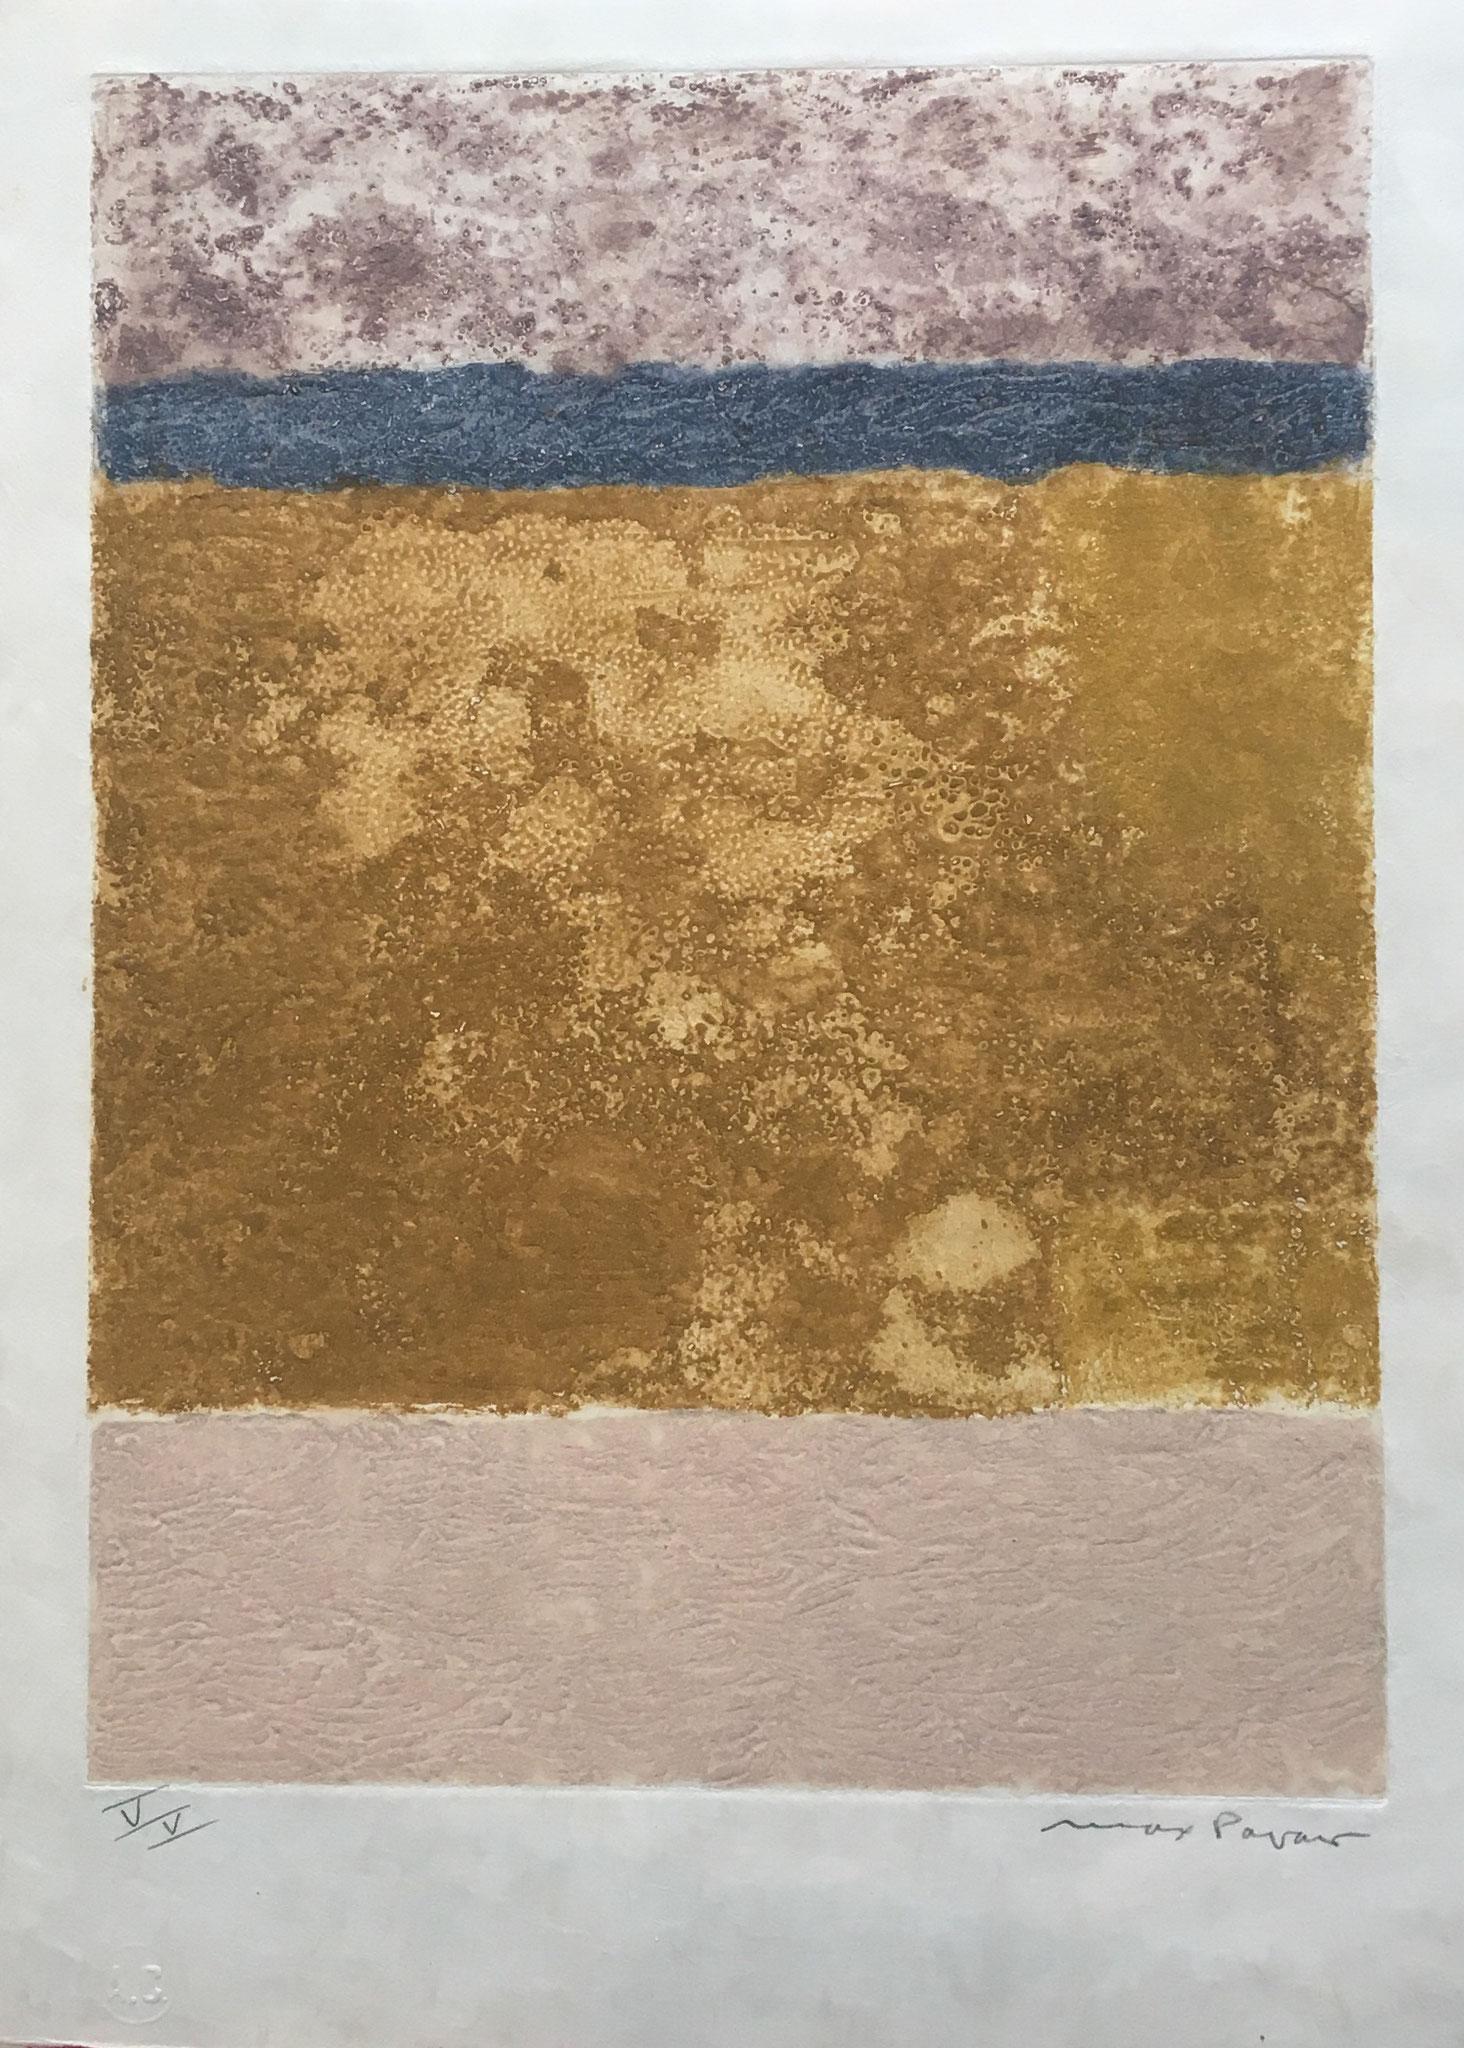 Max Papart,  la beauce 1972 aquatinte  signée et numérotée  V/V , 35,5x25,5 cm